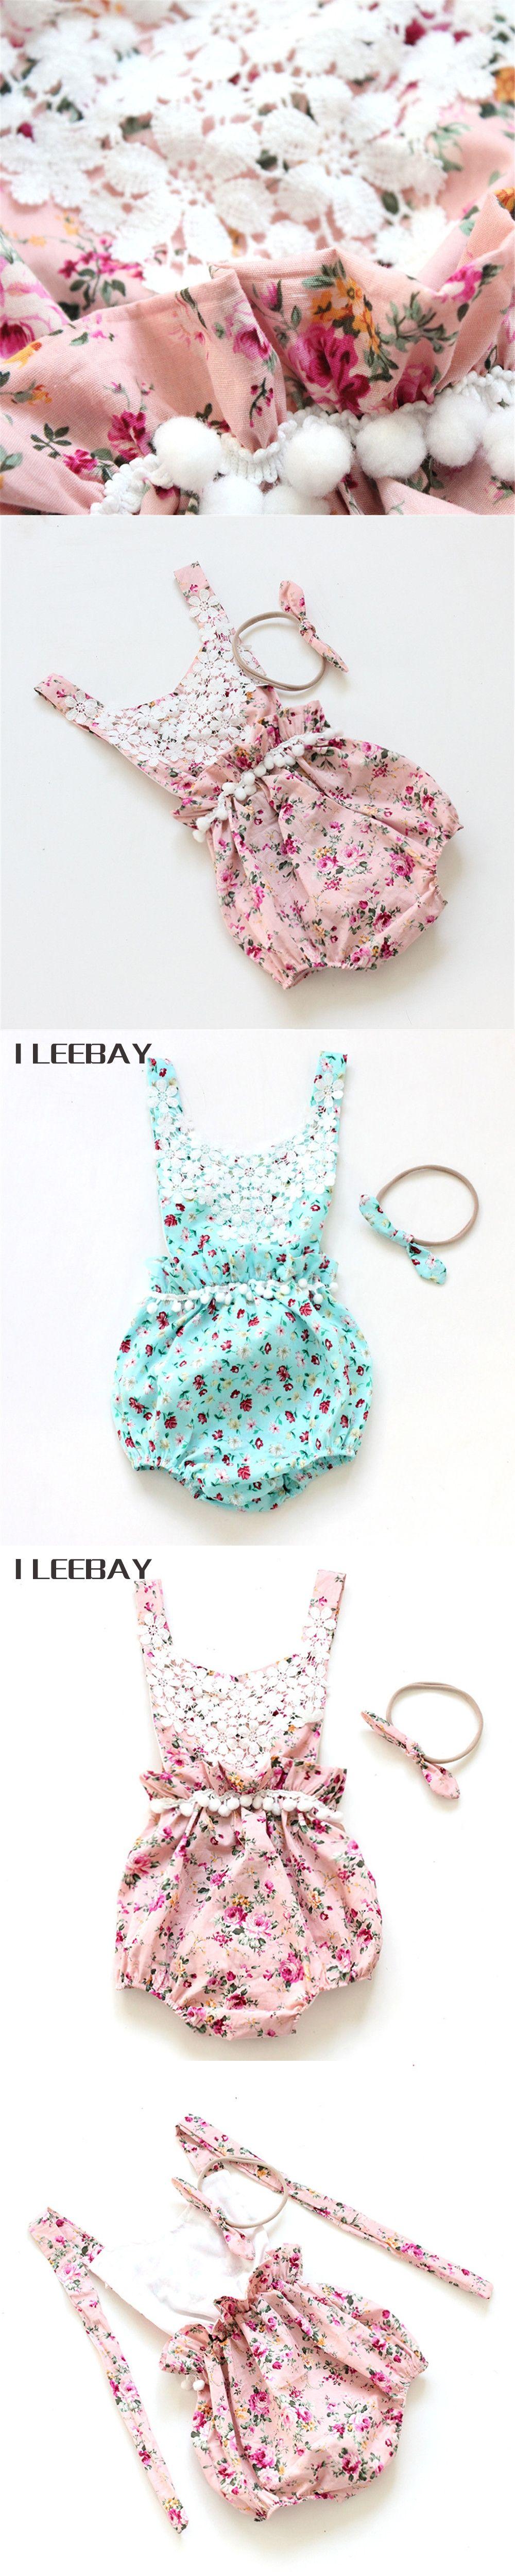 Toddler Girl Floral Rompers Headband Belt Cute Summer Ruffle Flower